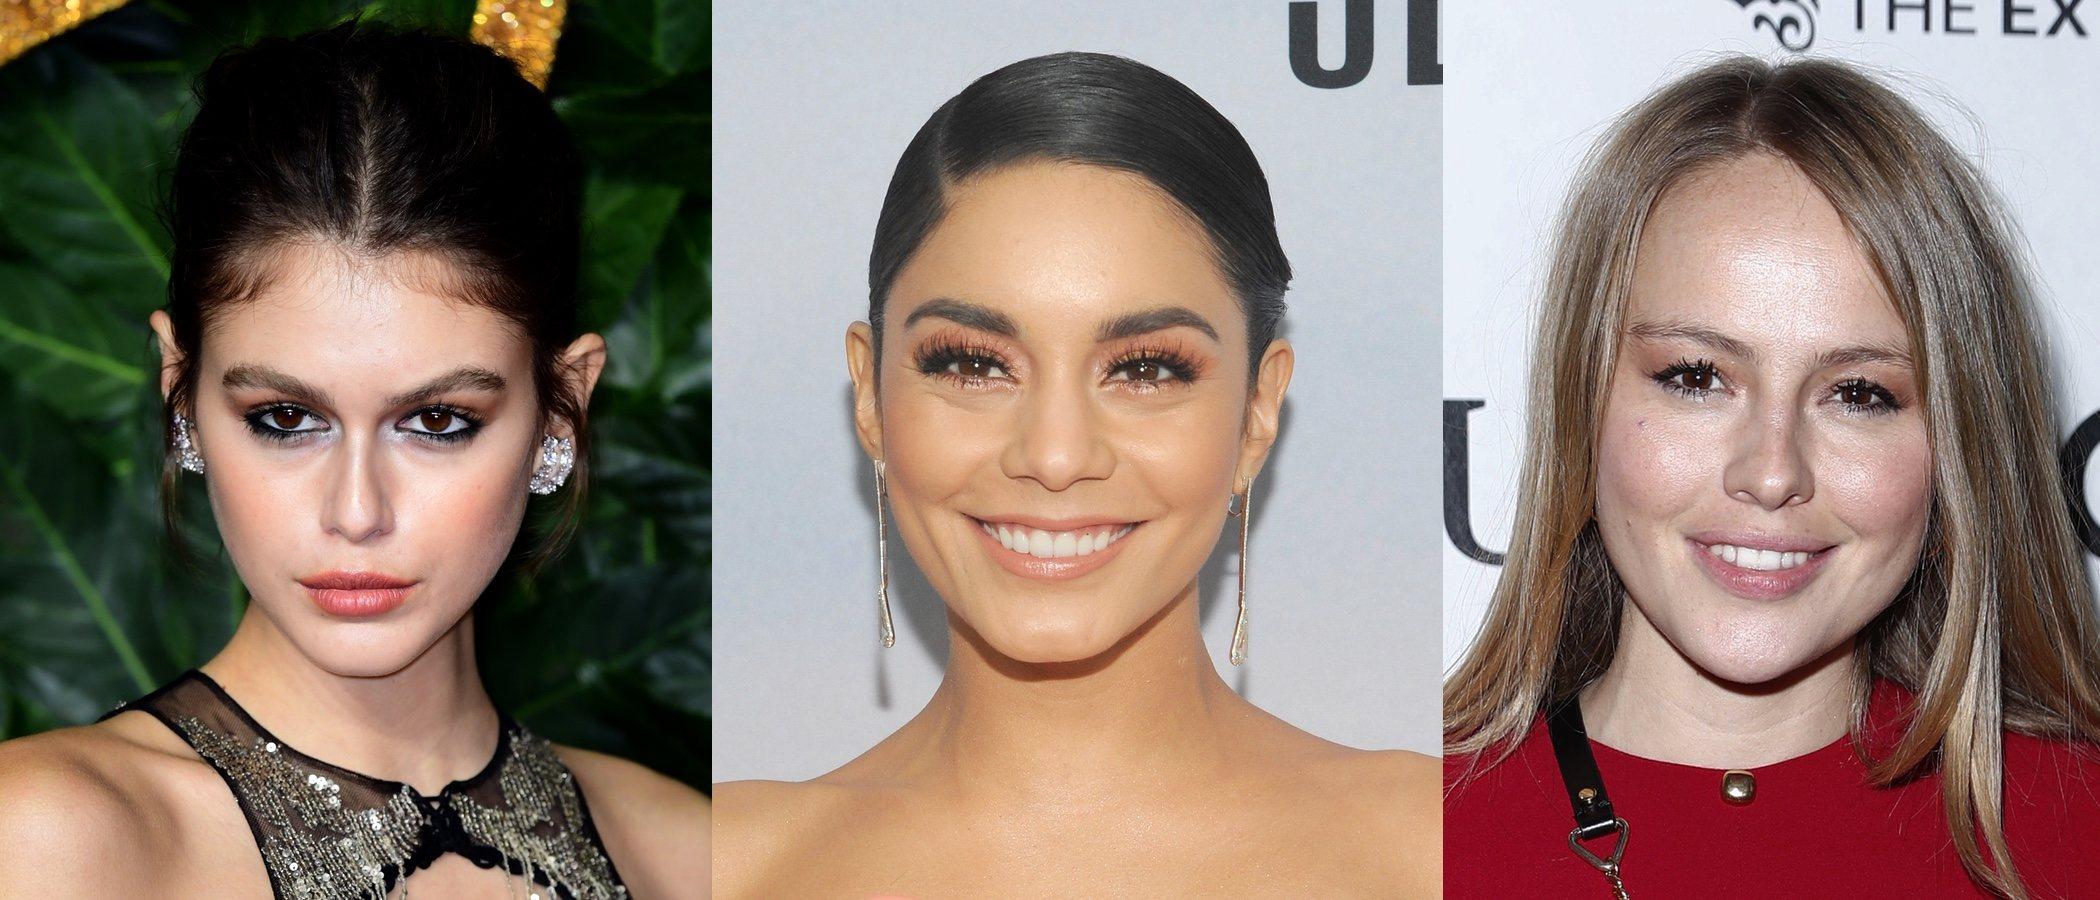 Kaia Gerber, Esmeralda Moya y Vanessa Hudgens entre los mejores beauty looks de la semana